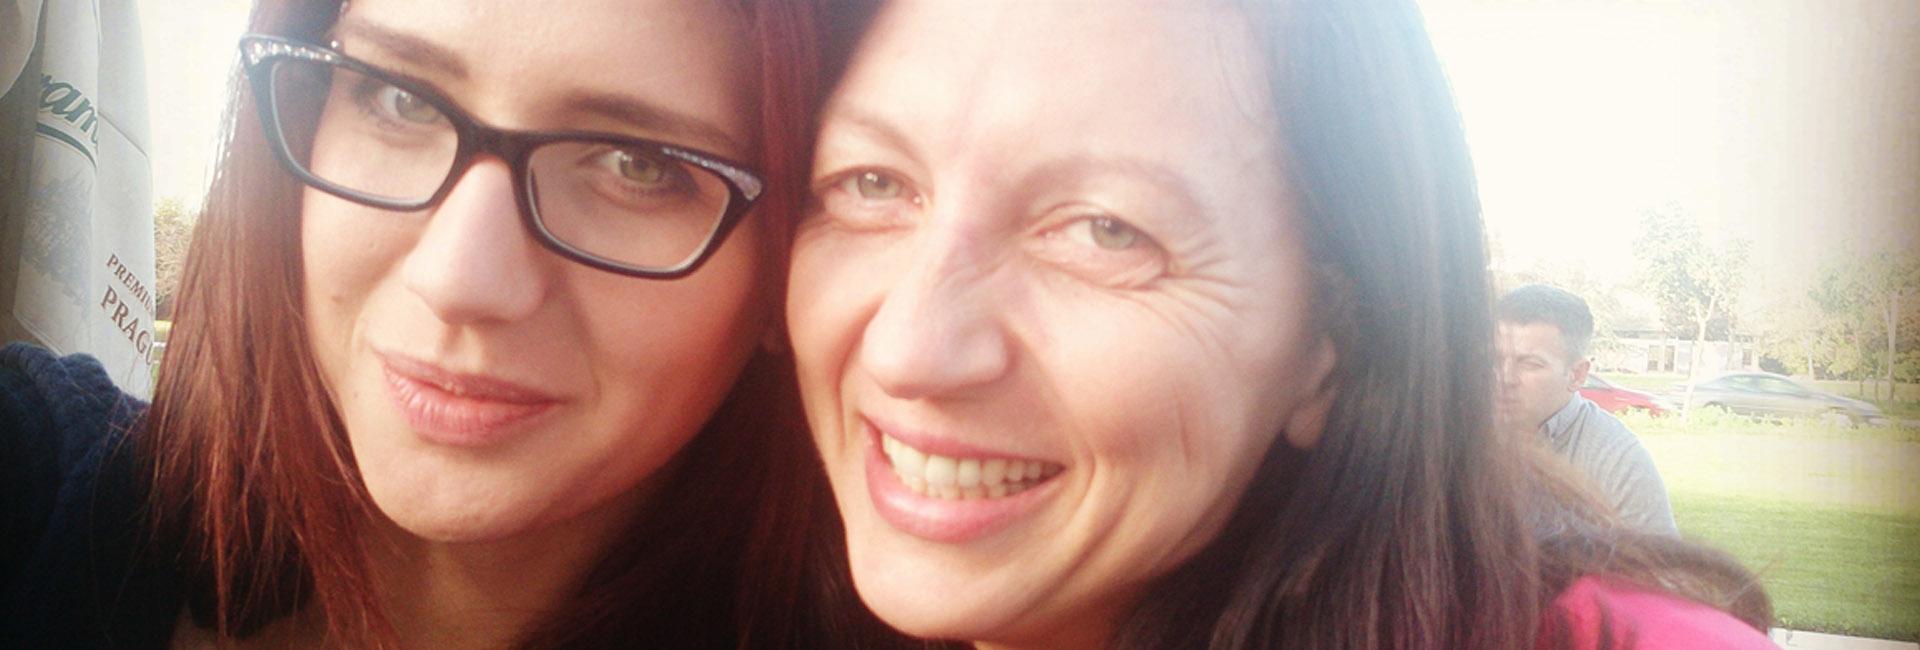 Ljubav prema novim tehnologijama – od majke do ćerke